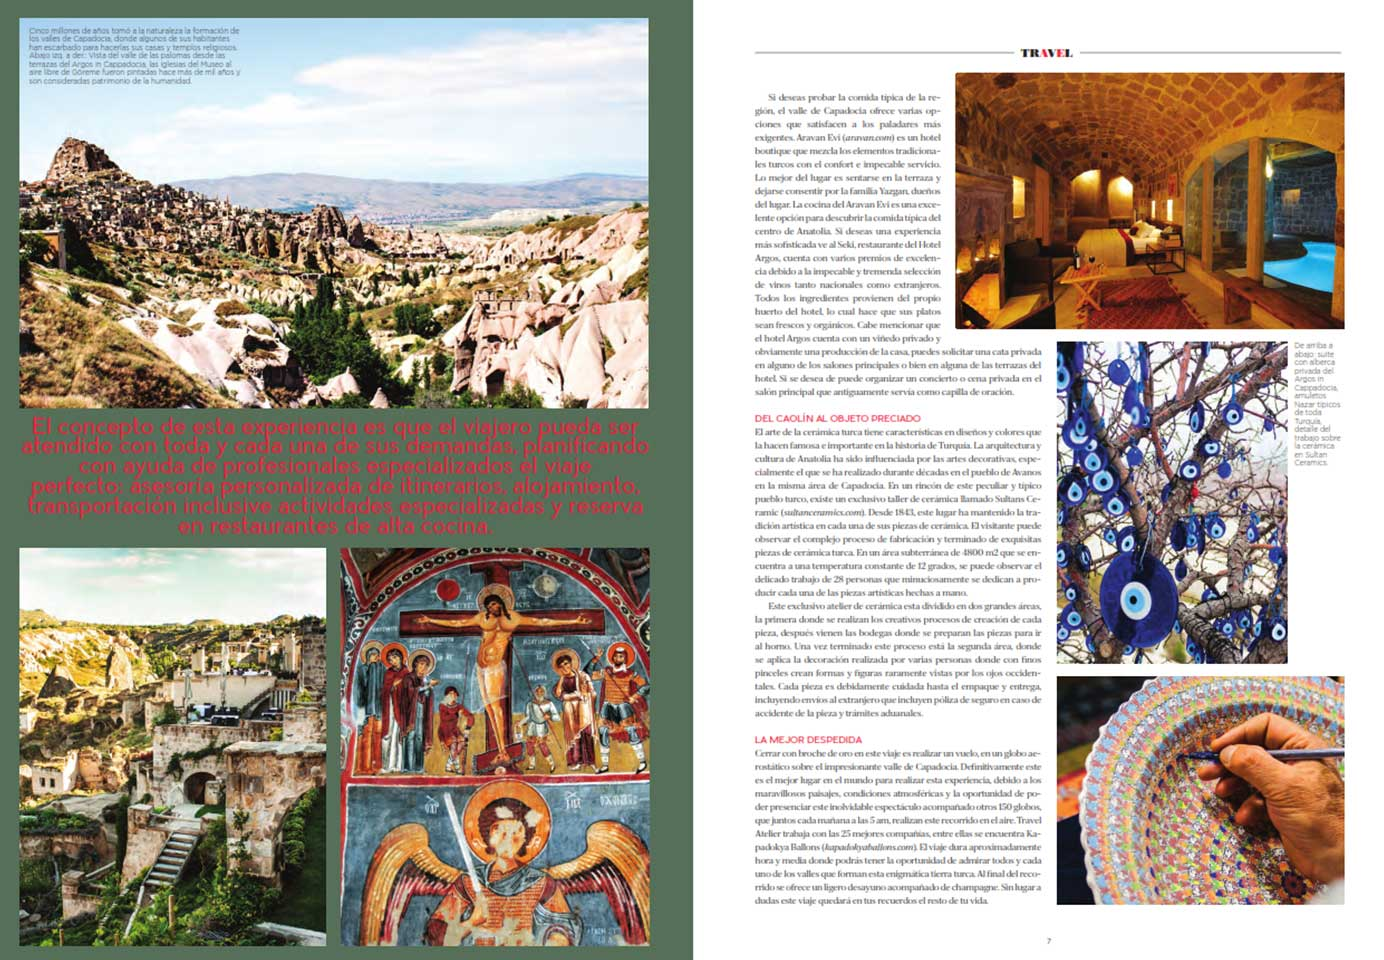 Robb Report Mexico Tailor Made Cappadocia